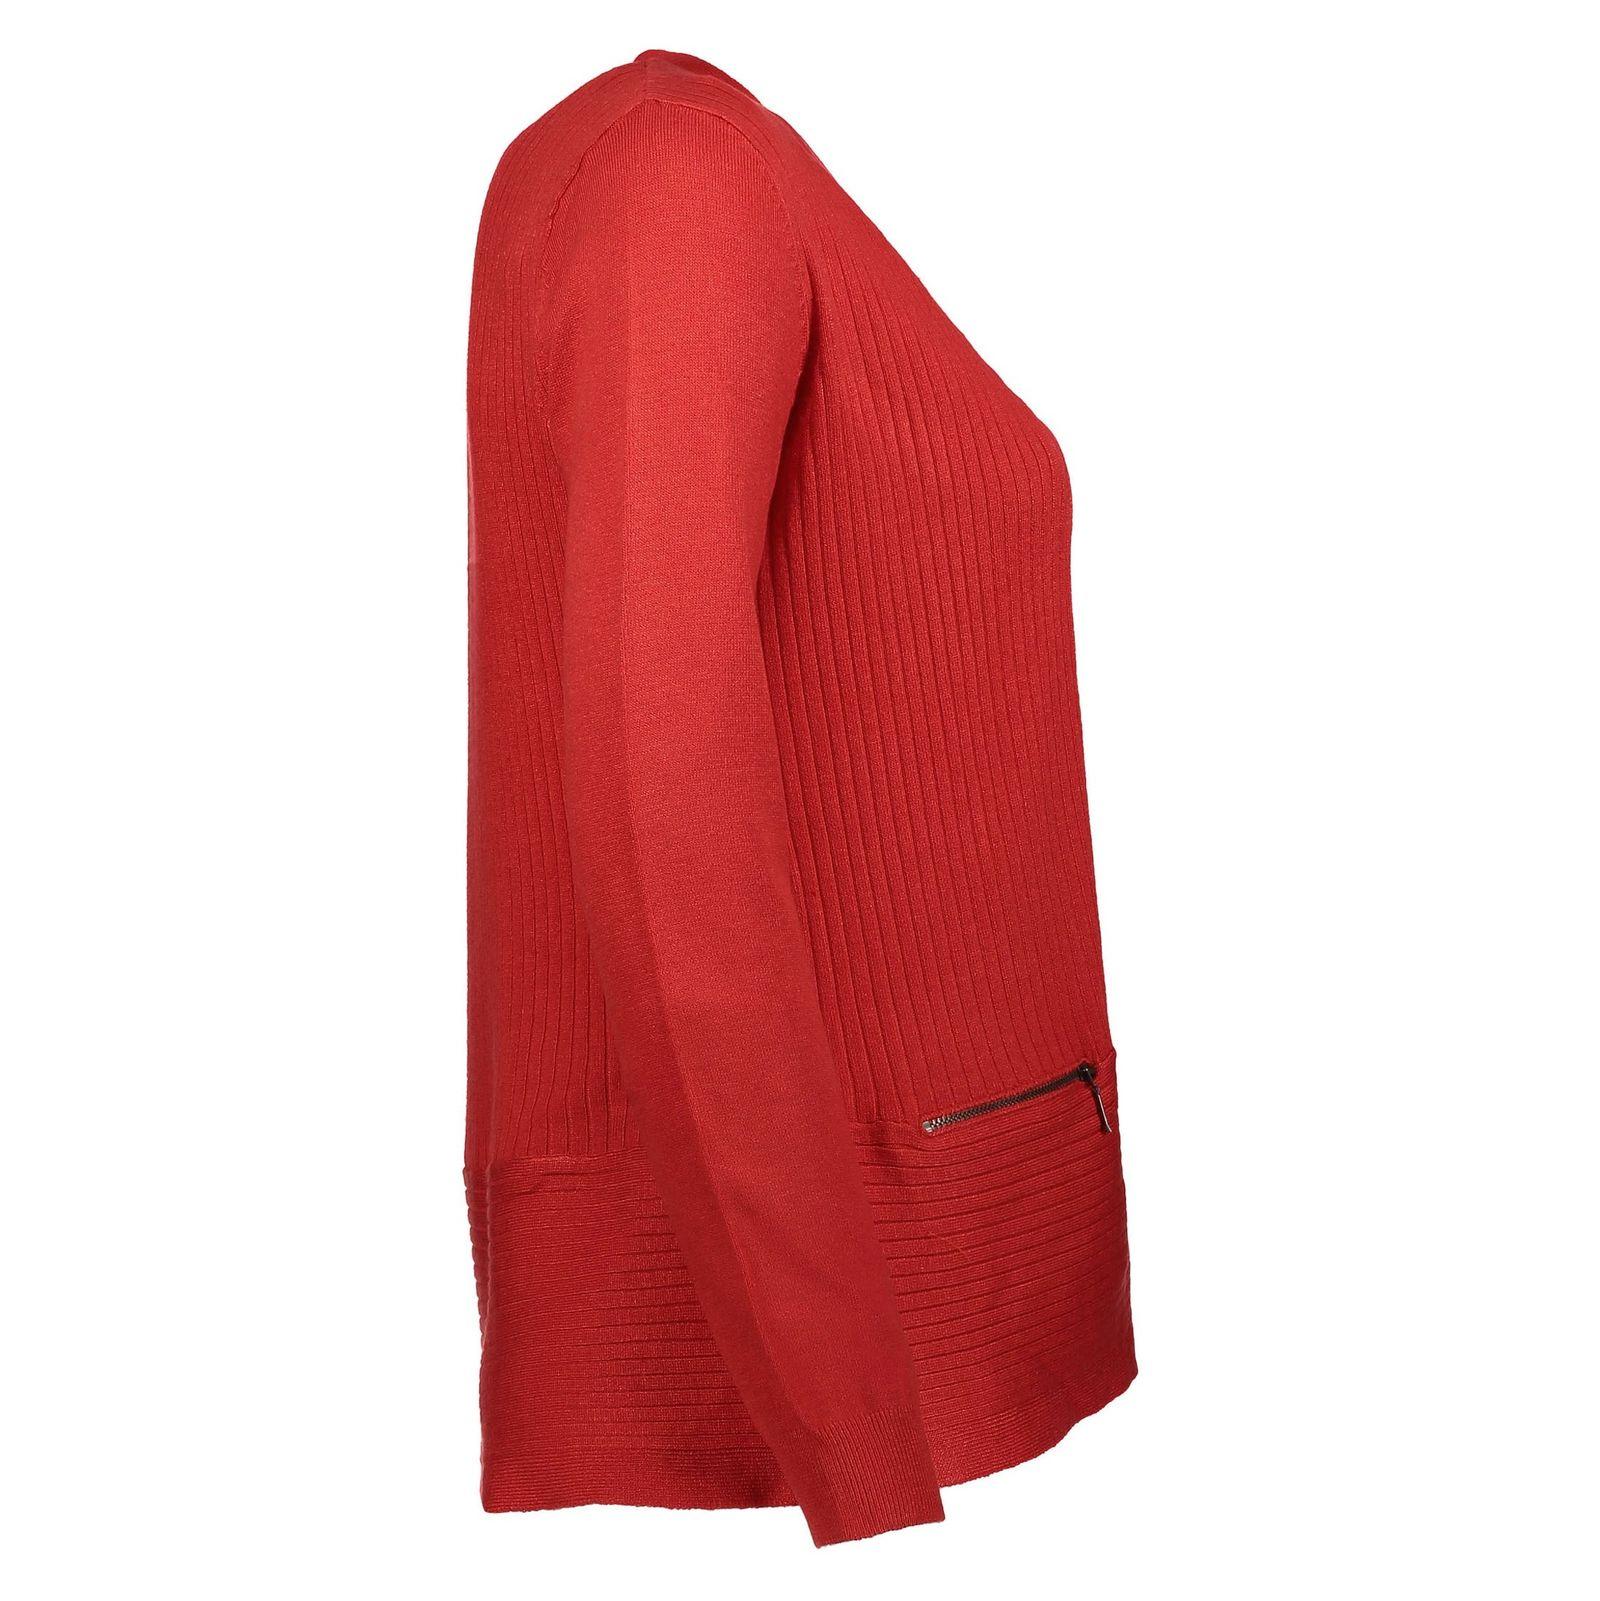 ژاکت ویسکوز جلو باز زنانه - کالکشن - قرمز - 3